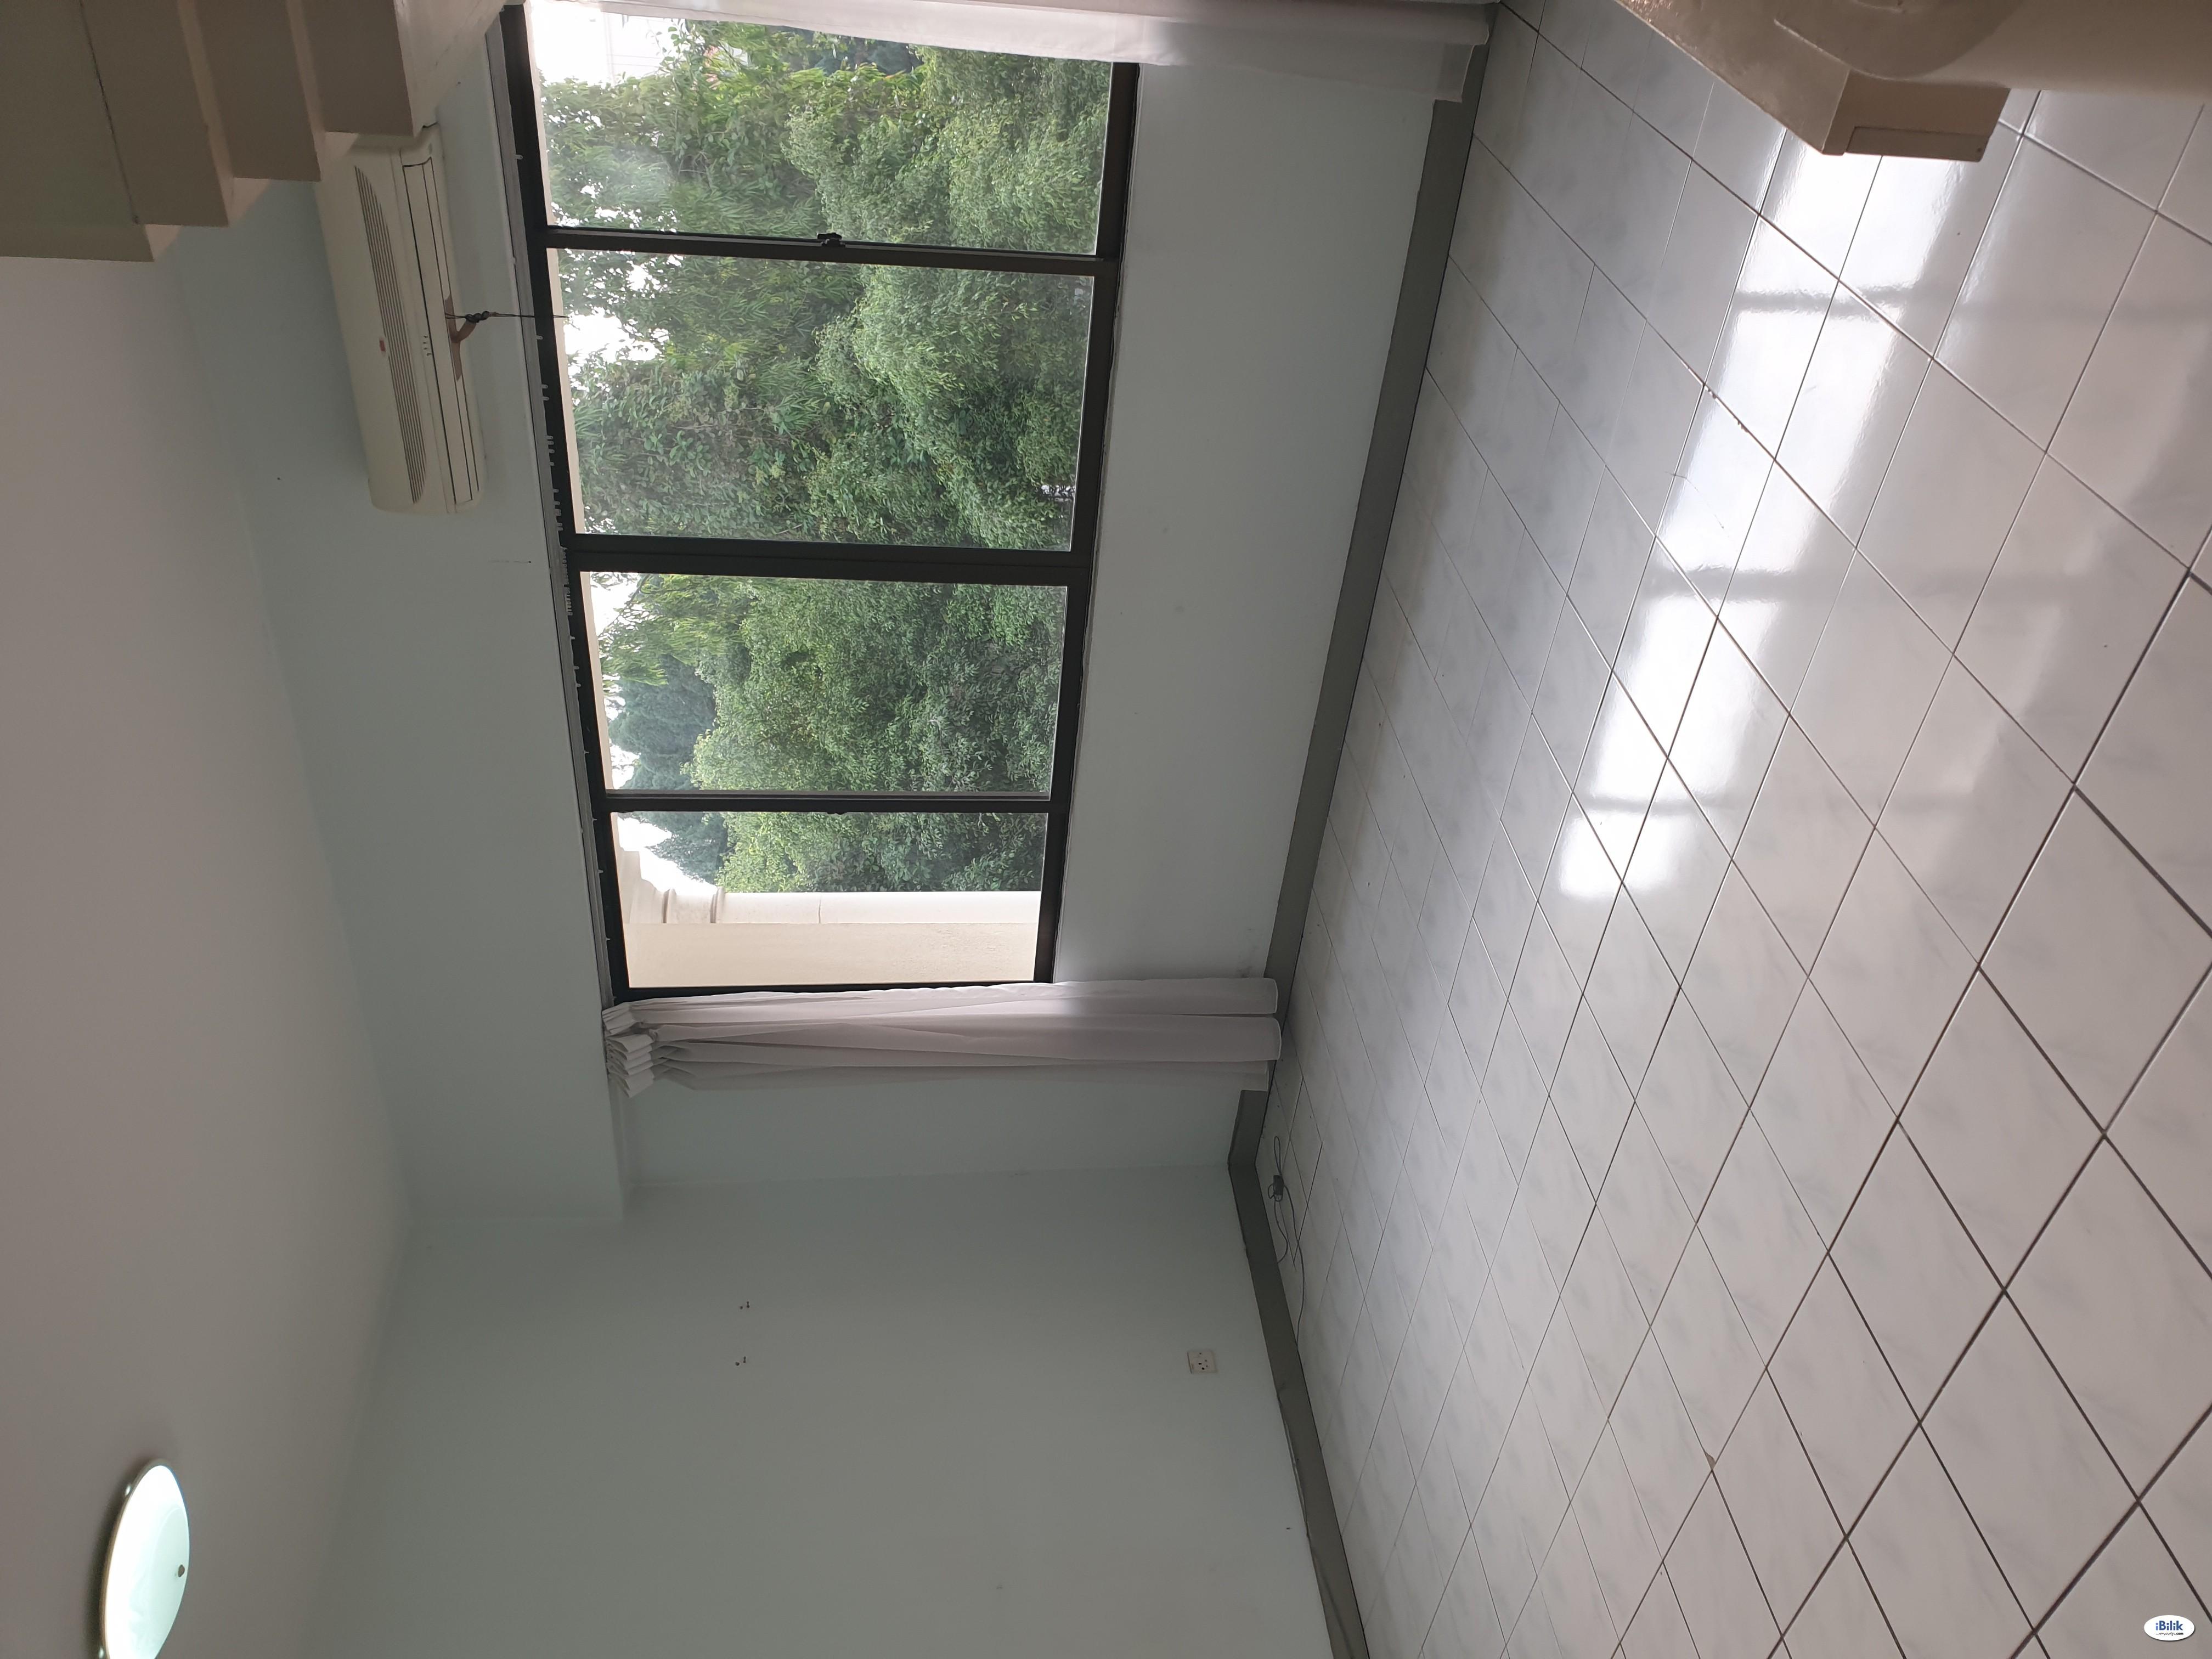 Master Room at Bangsar, Kuala Lumpur